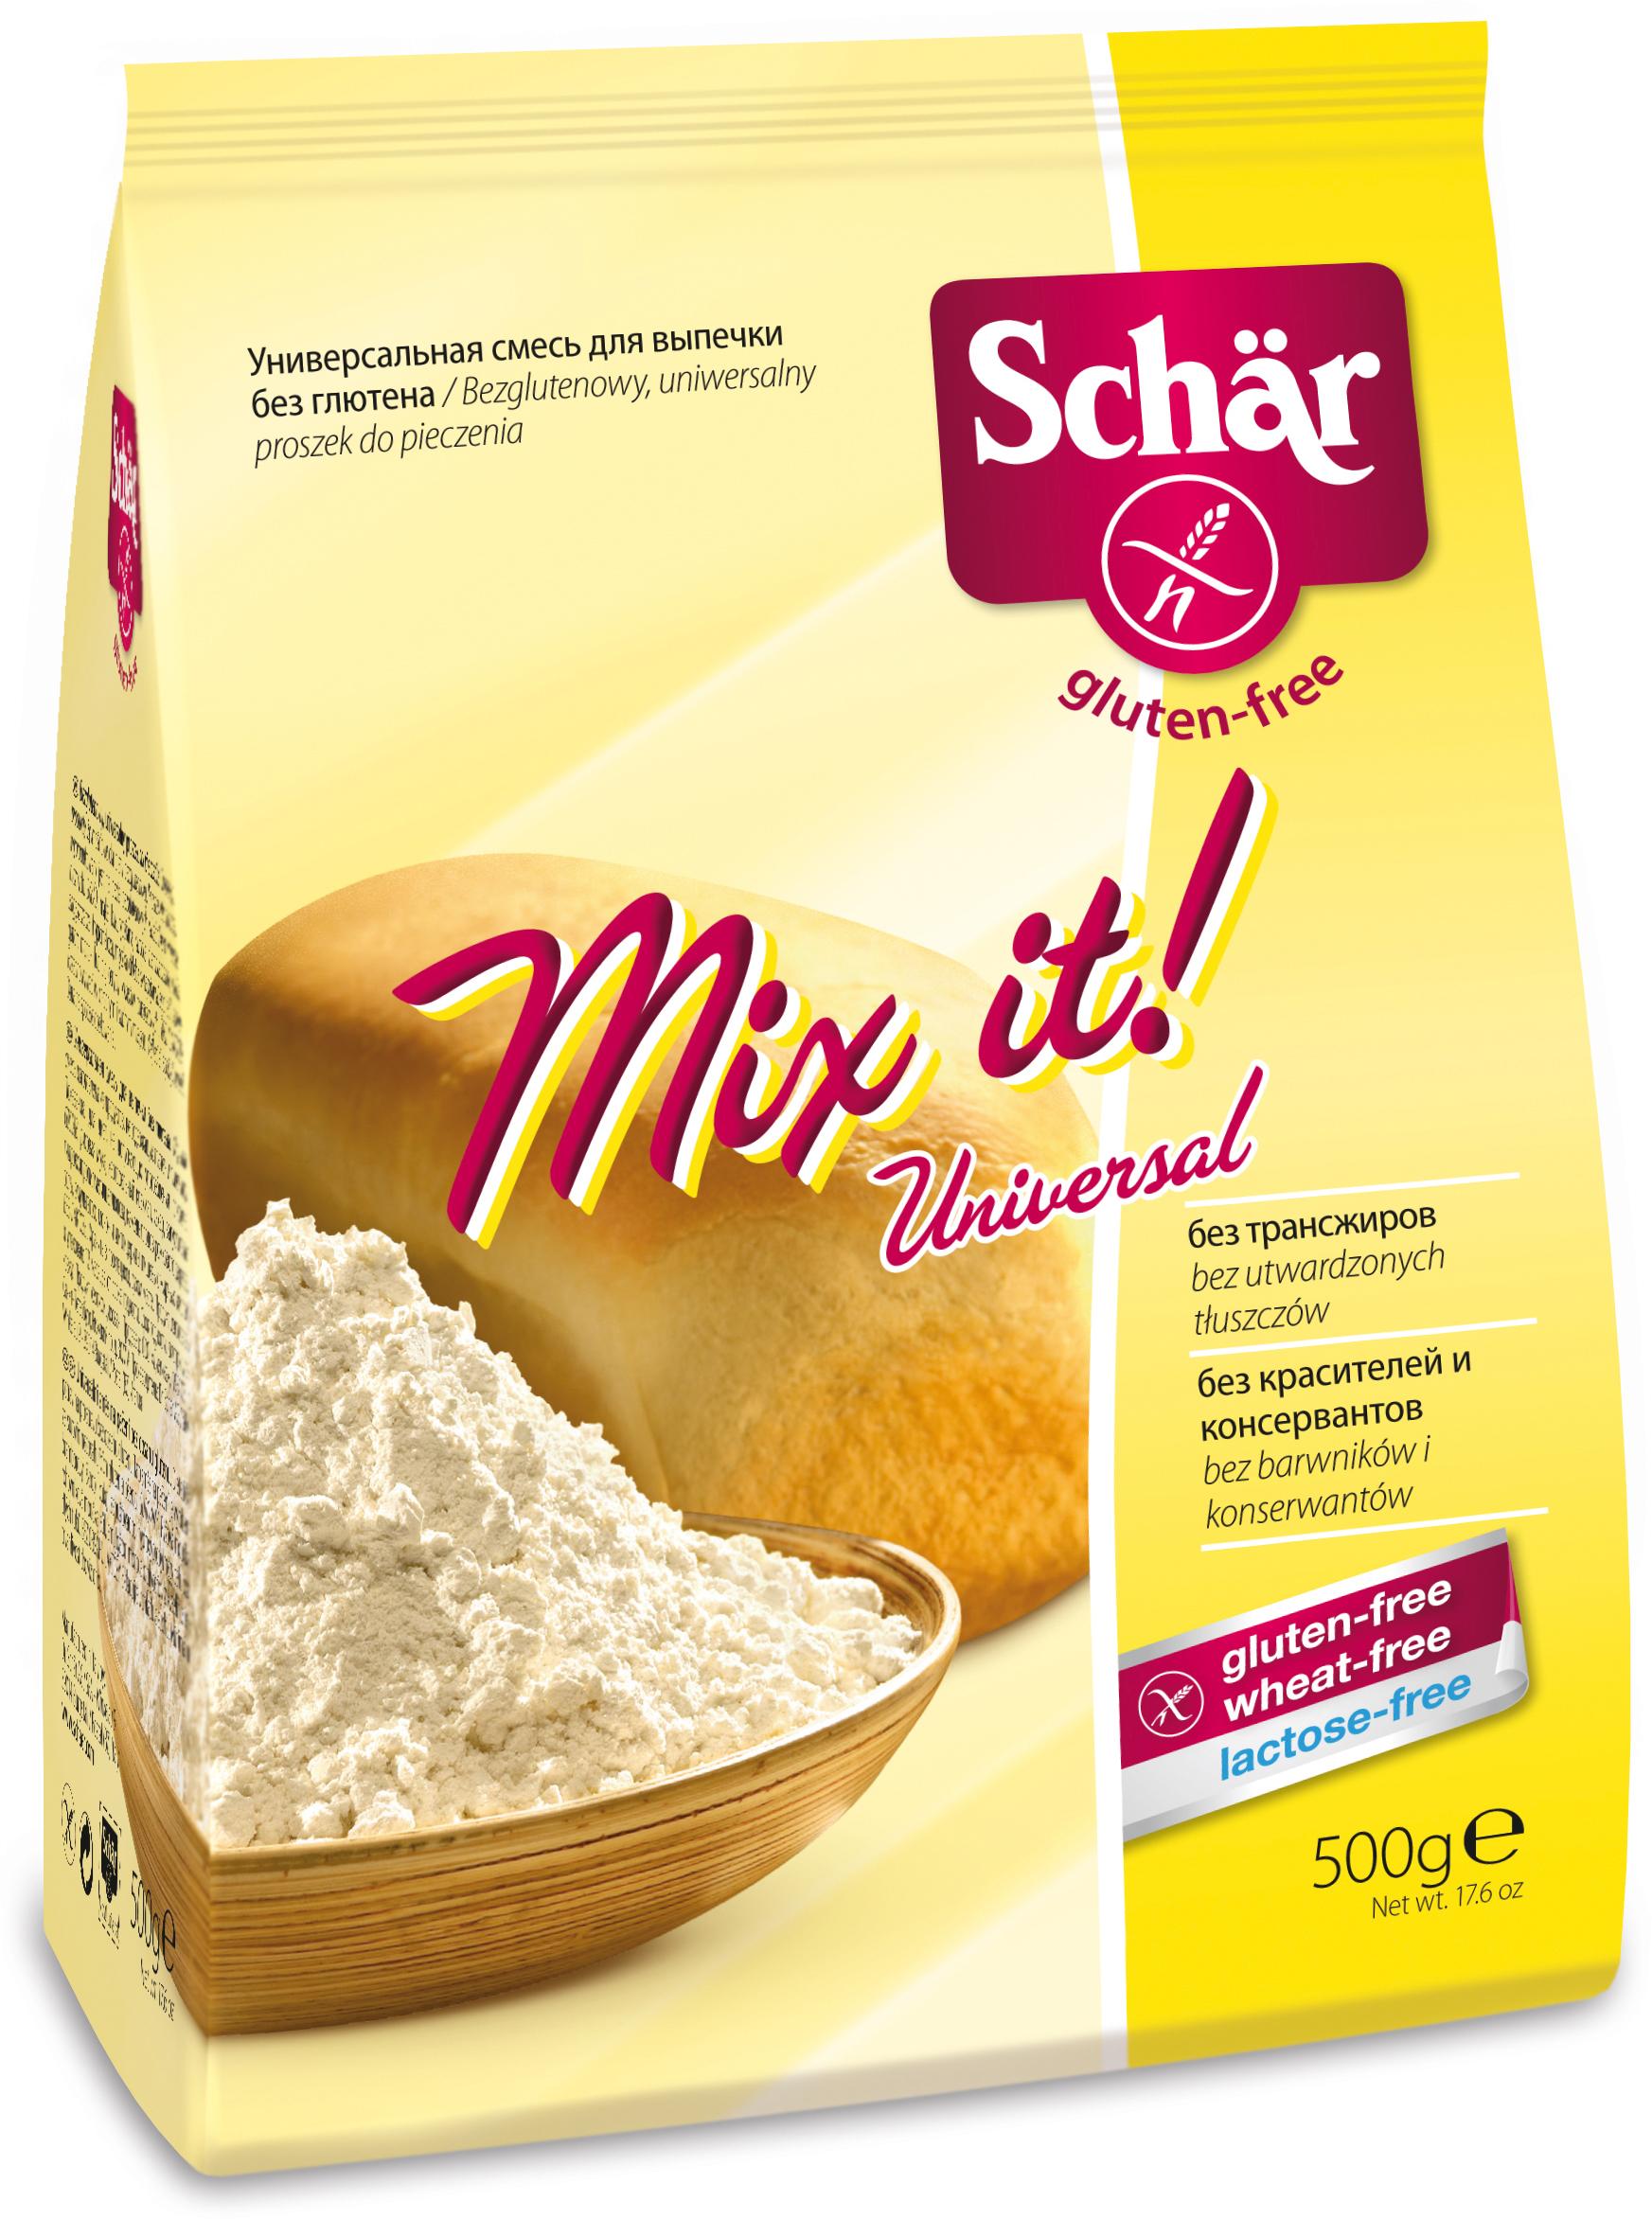 """Mix-it! - новая универсальная мука из ценных компонентов. Для хлеба, пиццы, пирога или клецок. """"Mix it!"""" подходит для мягкого хлеба и нежной выпечки, вкусных блинов, клецок, а также для загущения соусов или панировки и многого другого. """"Mix it!"""" подходит для дрожжевого, рассыпчатого, бисквитного теста или теста для кексов. С этой смесью можно приготовить как сладкие, так и соленые блюда. Мука тонкого помола, не требует просеивания. """"Mix it!"""" не содержит глютен, пшеницу и лактозу, следы яиц, молока и сои. Она производится исключительно из растительных компонентов и не содержит ароматизаторов, красителей и консервантов. Просто попробуйте ее!"""